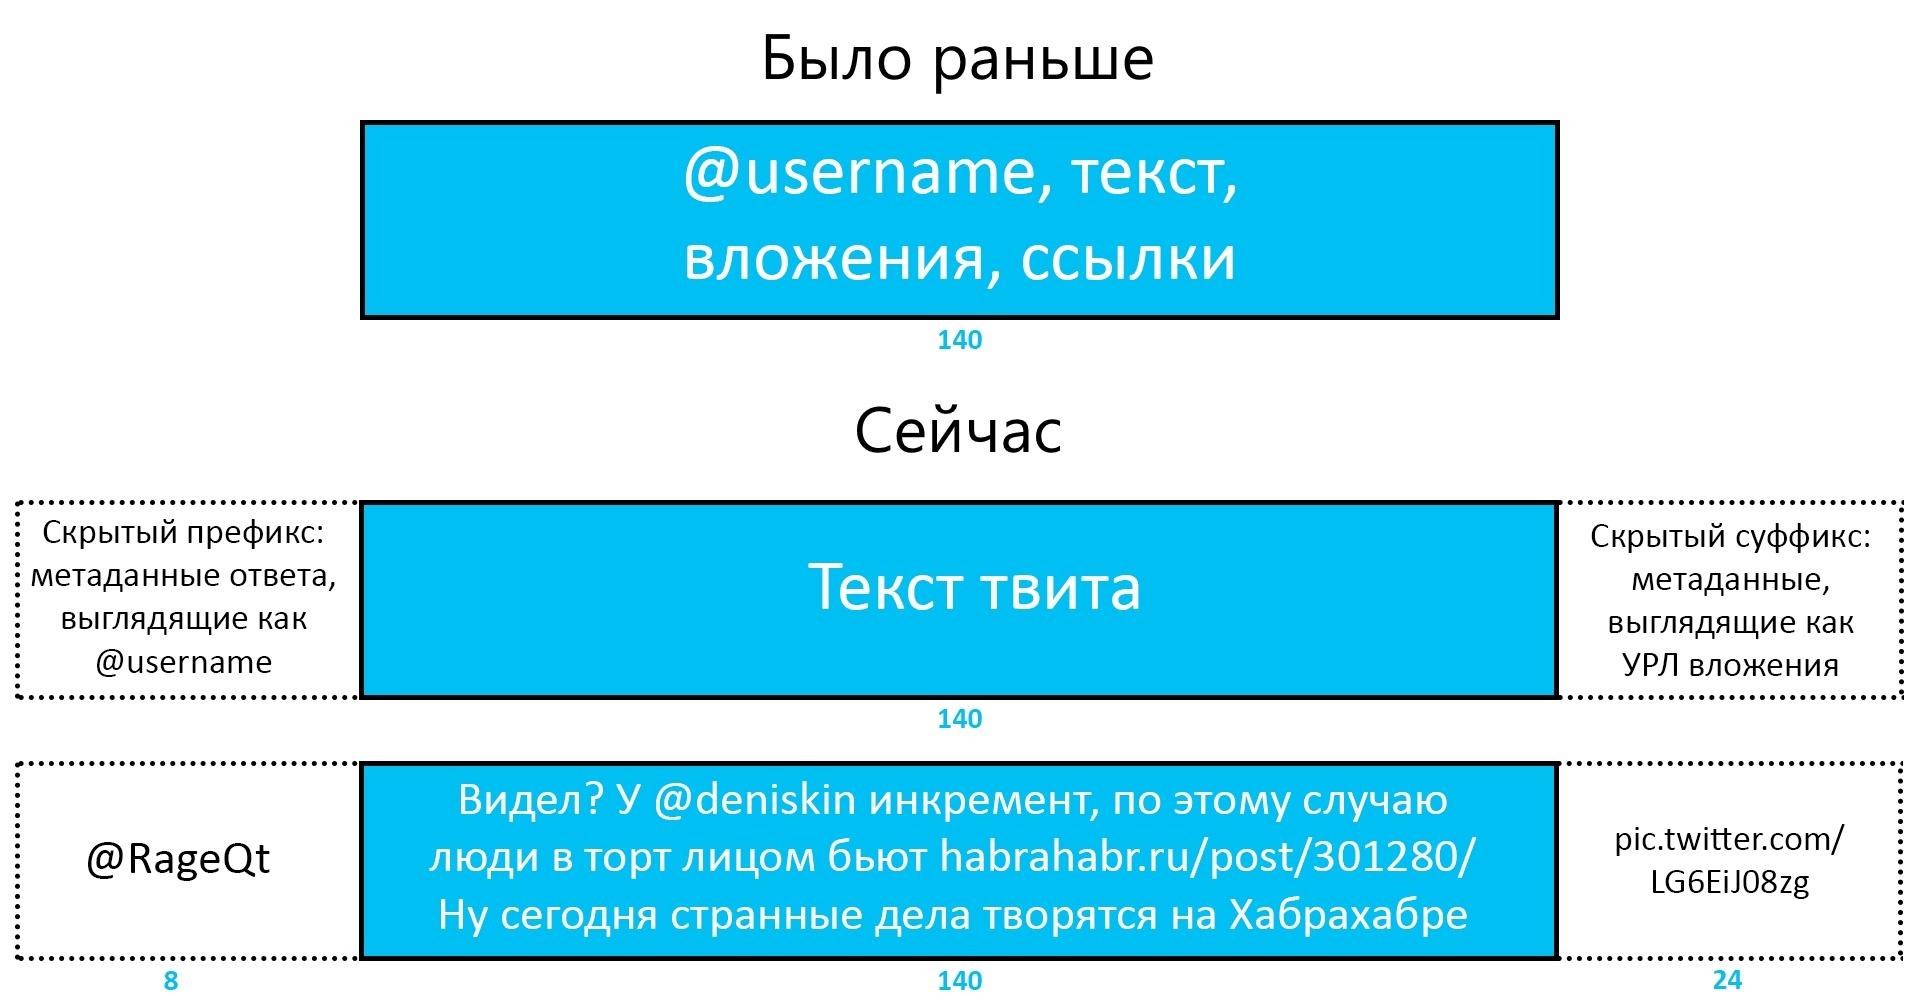 Твиттер выпустил обновление по увеличению размера сообщений, перестав учитывать ссылки и прикрепленные файлы